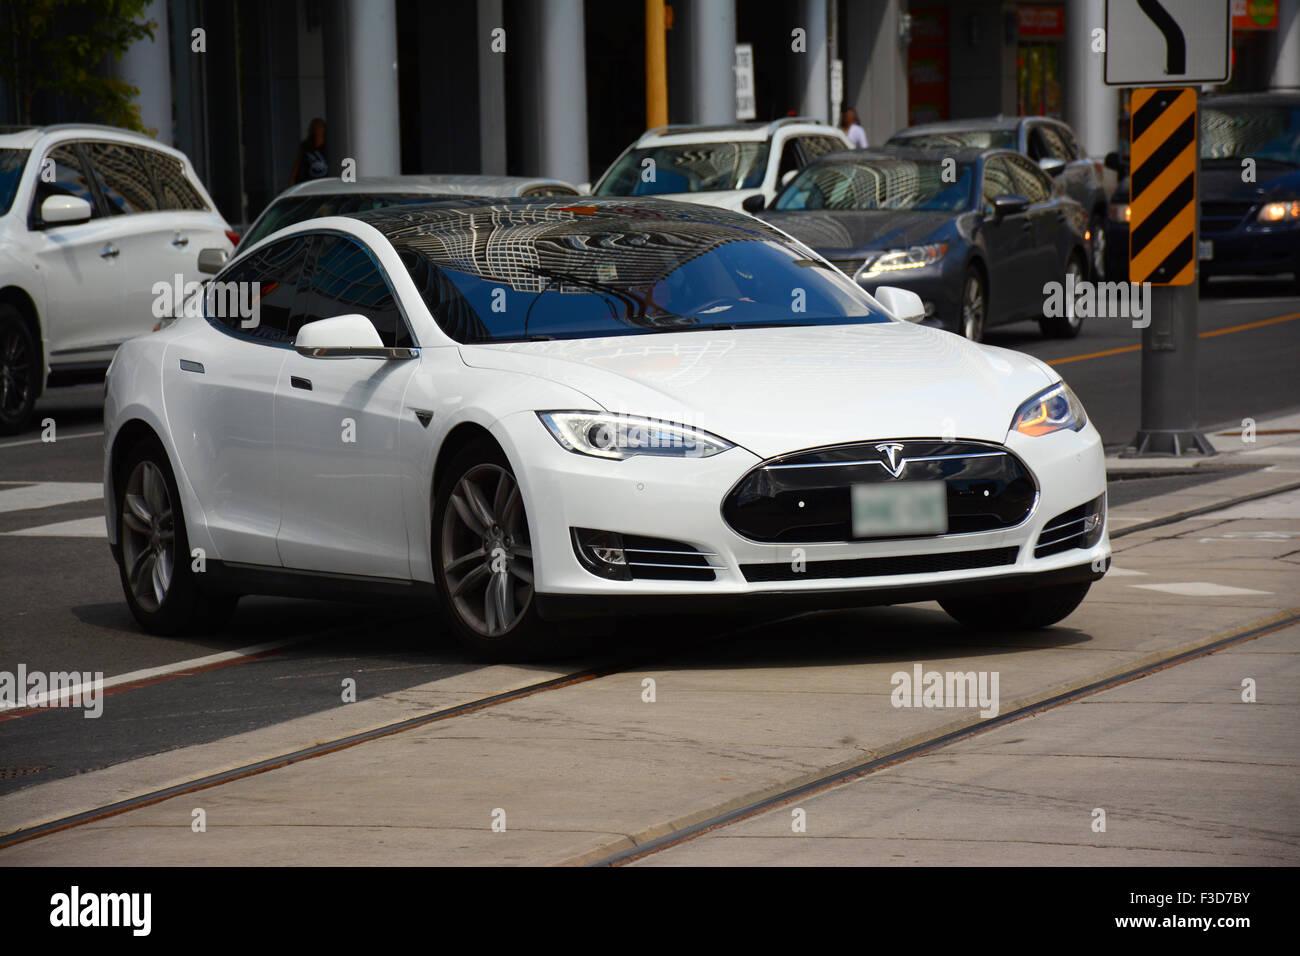 Tesla, coche eléctrico en las calles de Toronto, Canadá Imagen De Stock